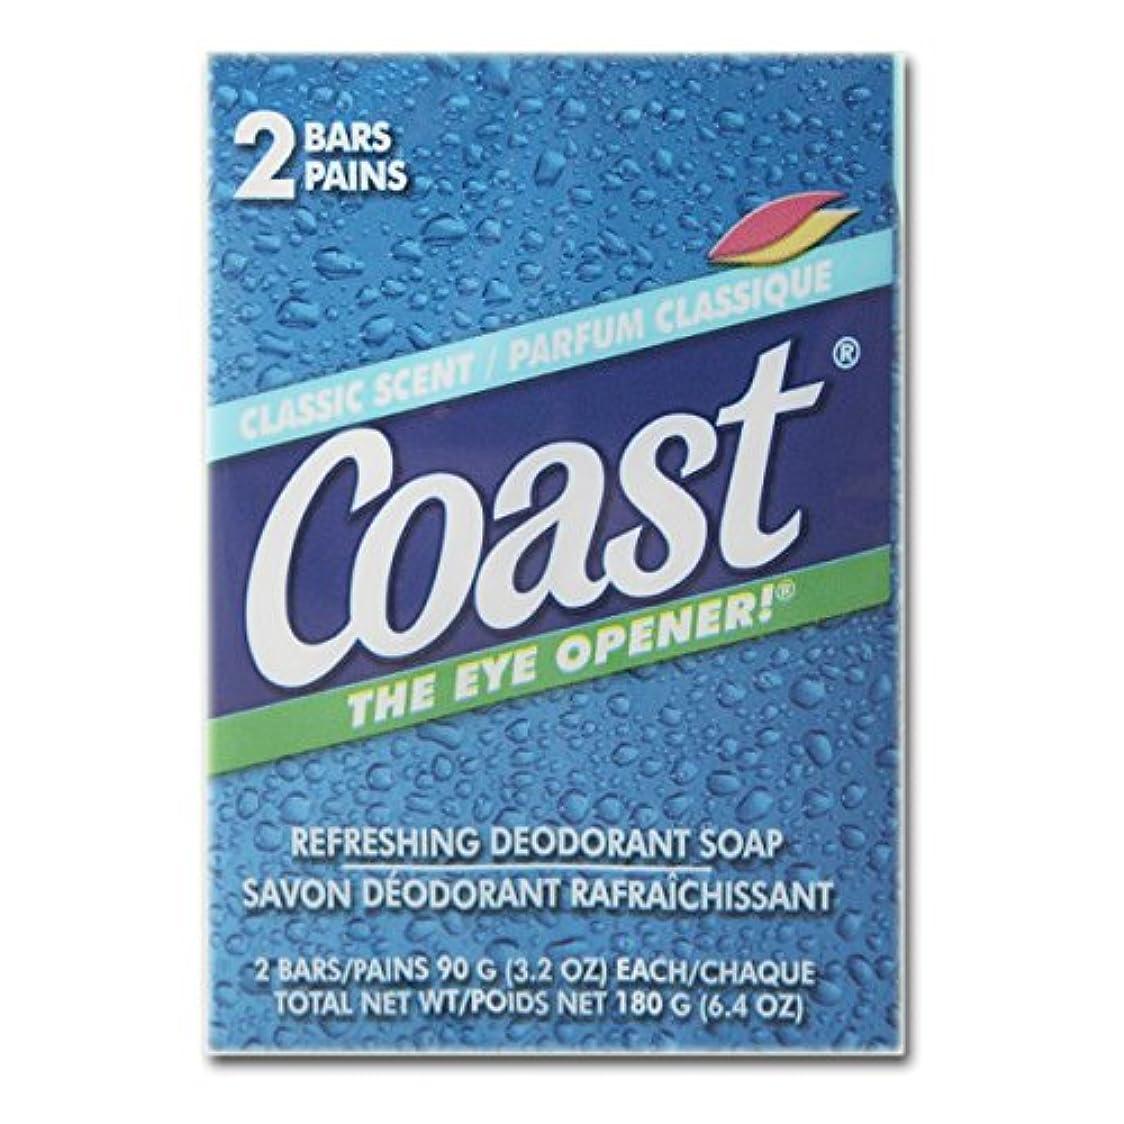 承知しました貝殻原点コースト(Coast) 石けんパシフィックフォース2個入り×24パック(48個)